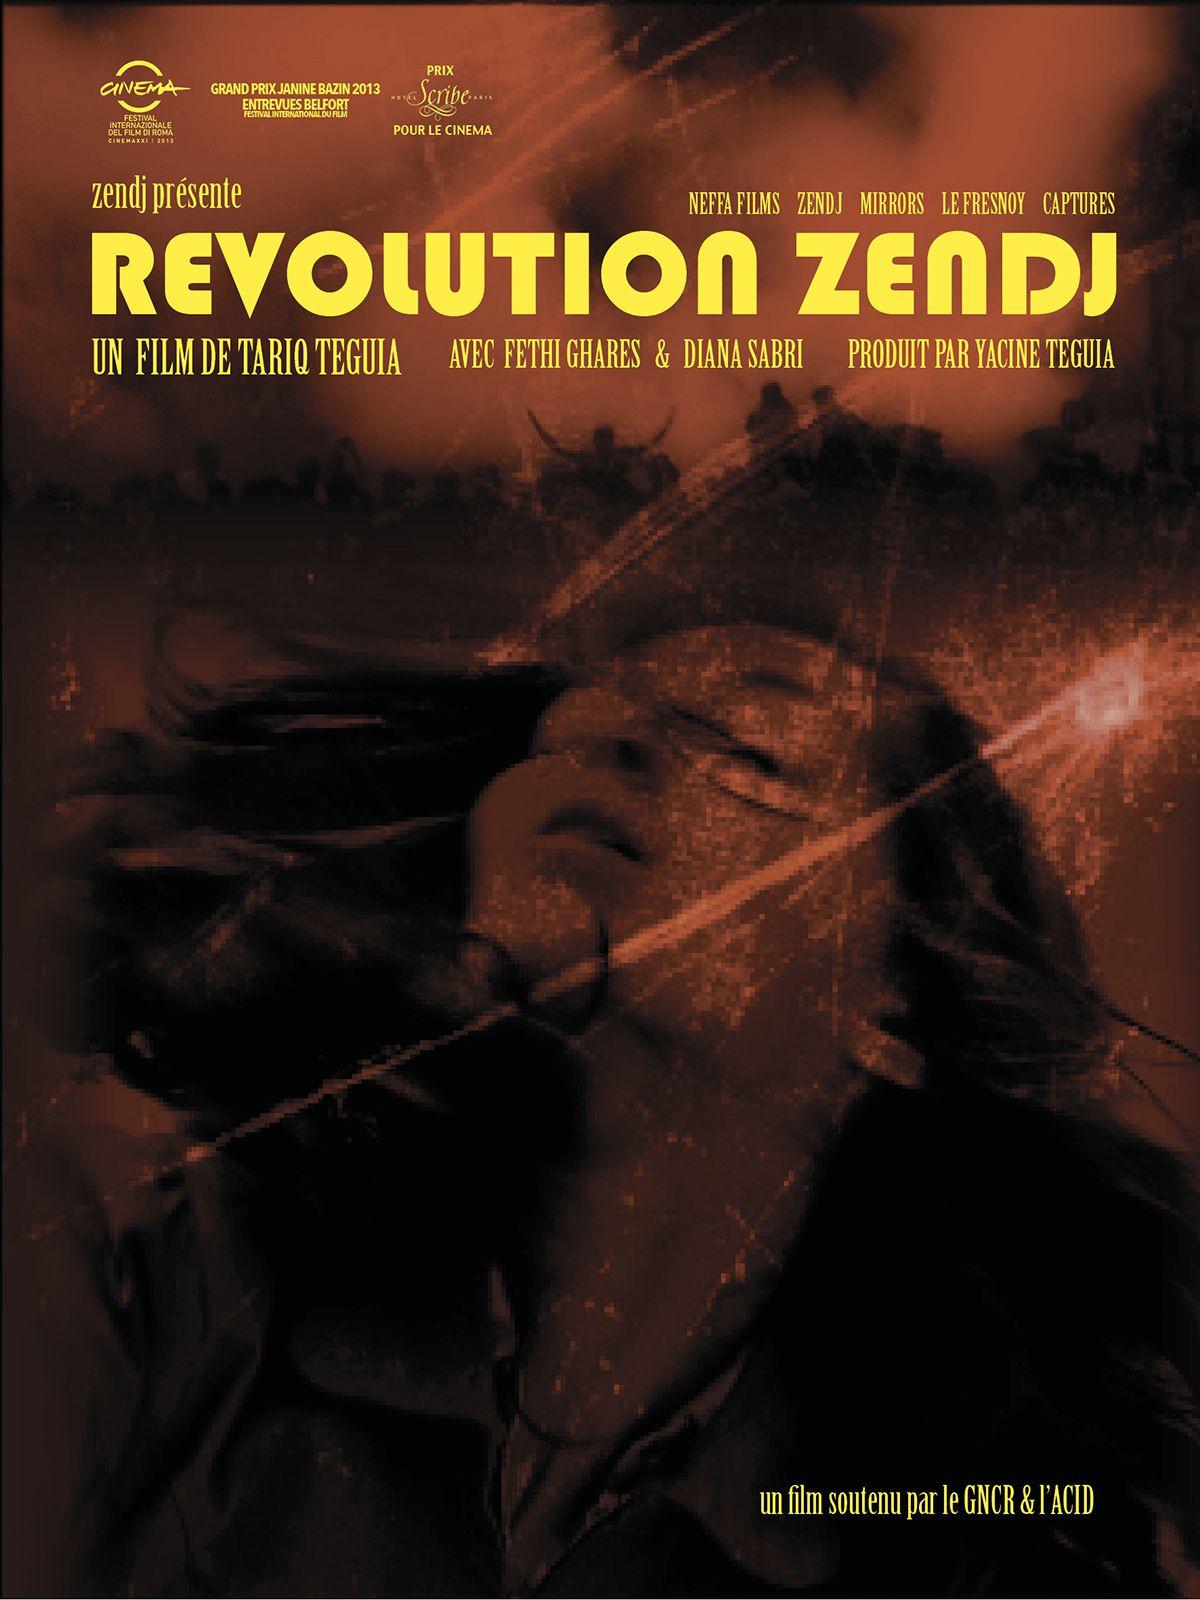 Révolution Zendj - Film (2015)